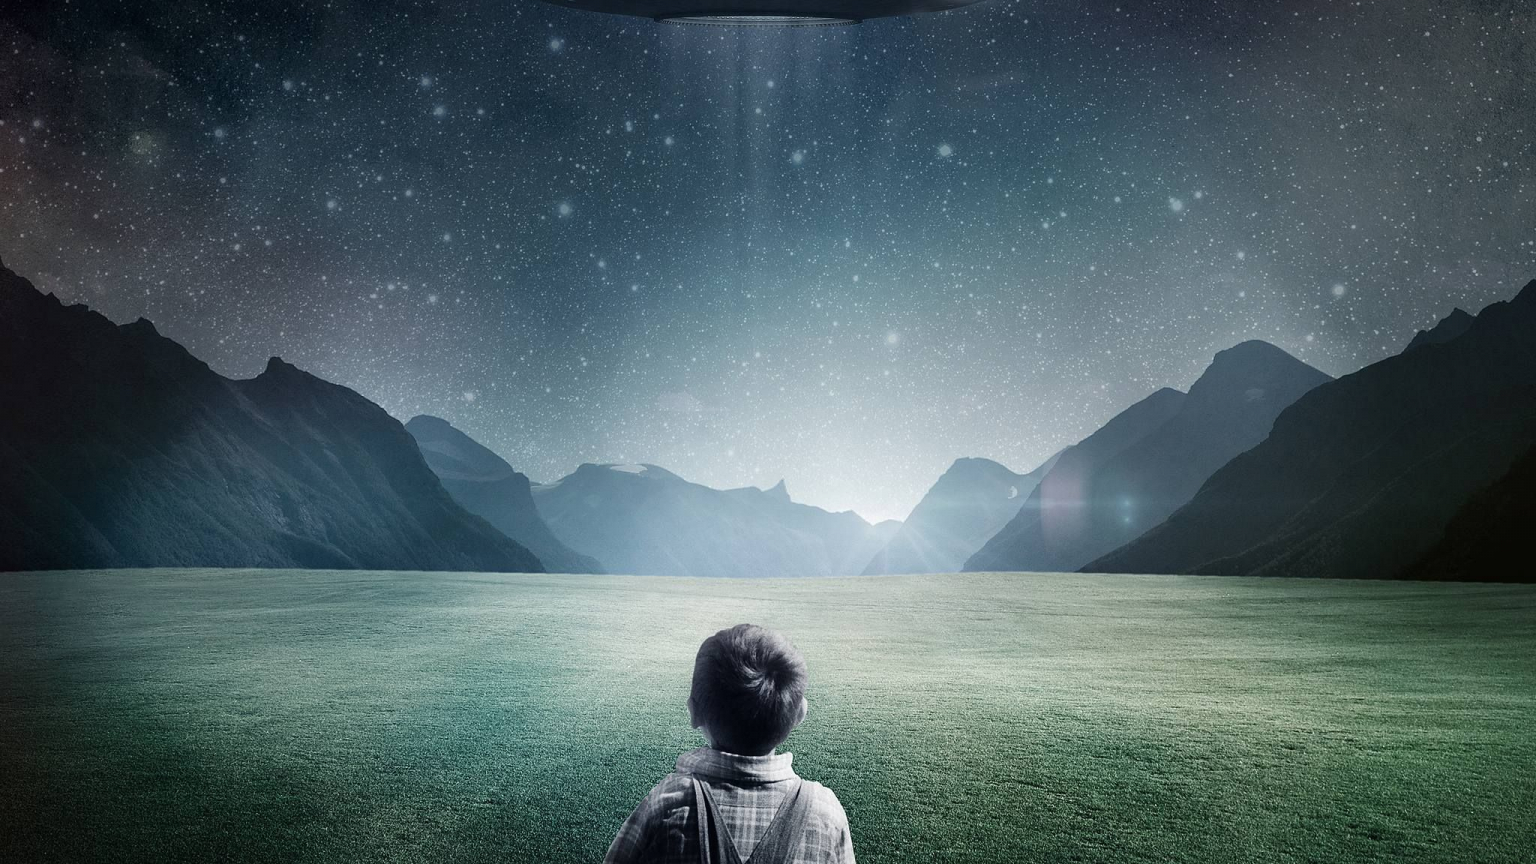 download Alien UFO Wallpapers Top Alien UFO Backgrounds 1536x864